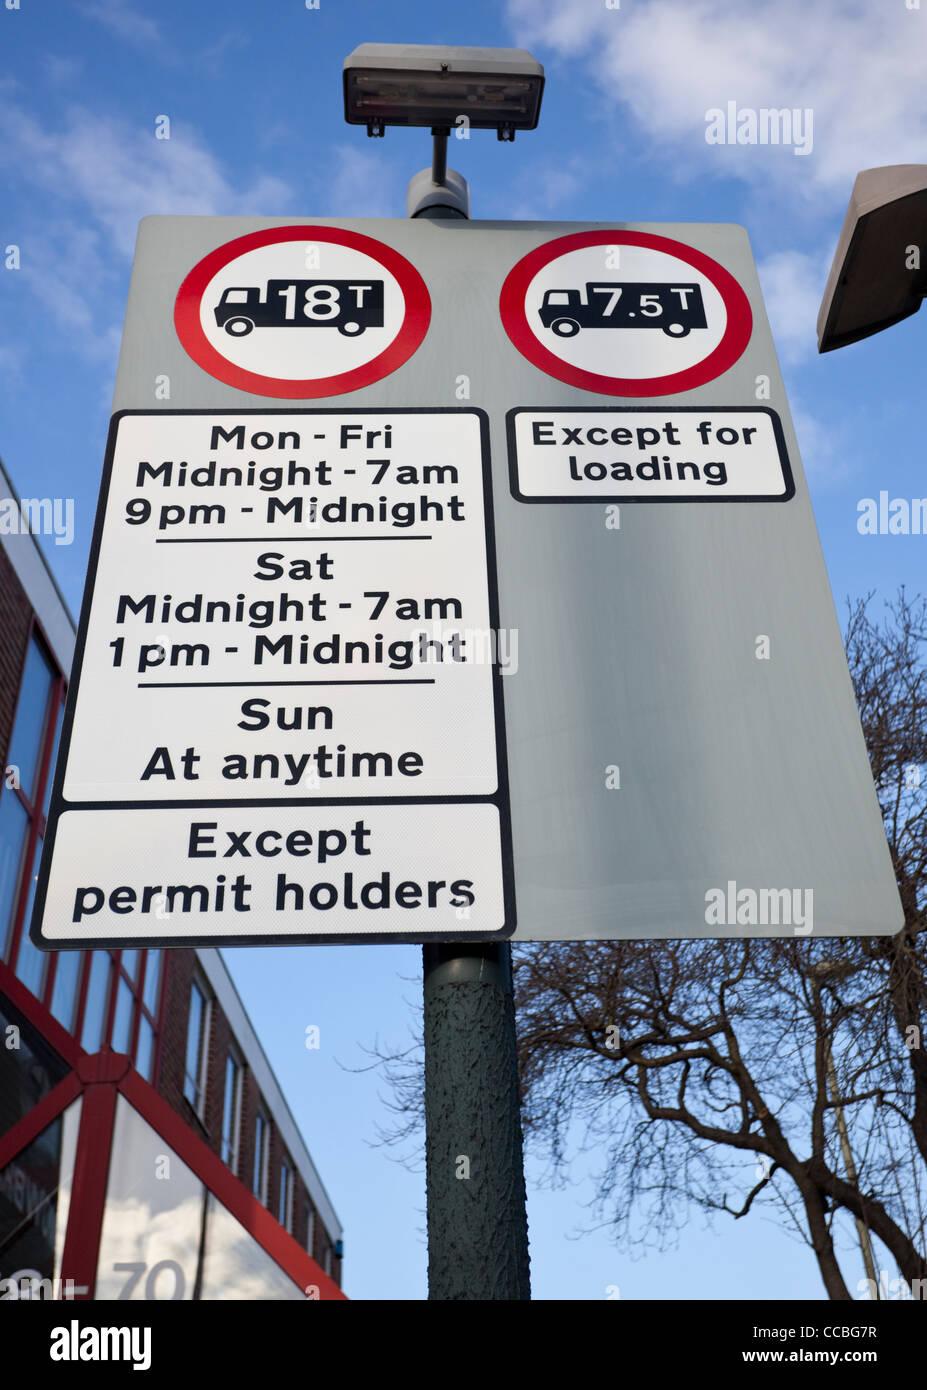 La signalisation de restriction de poids pour les camions, England, UK Photo Stock